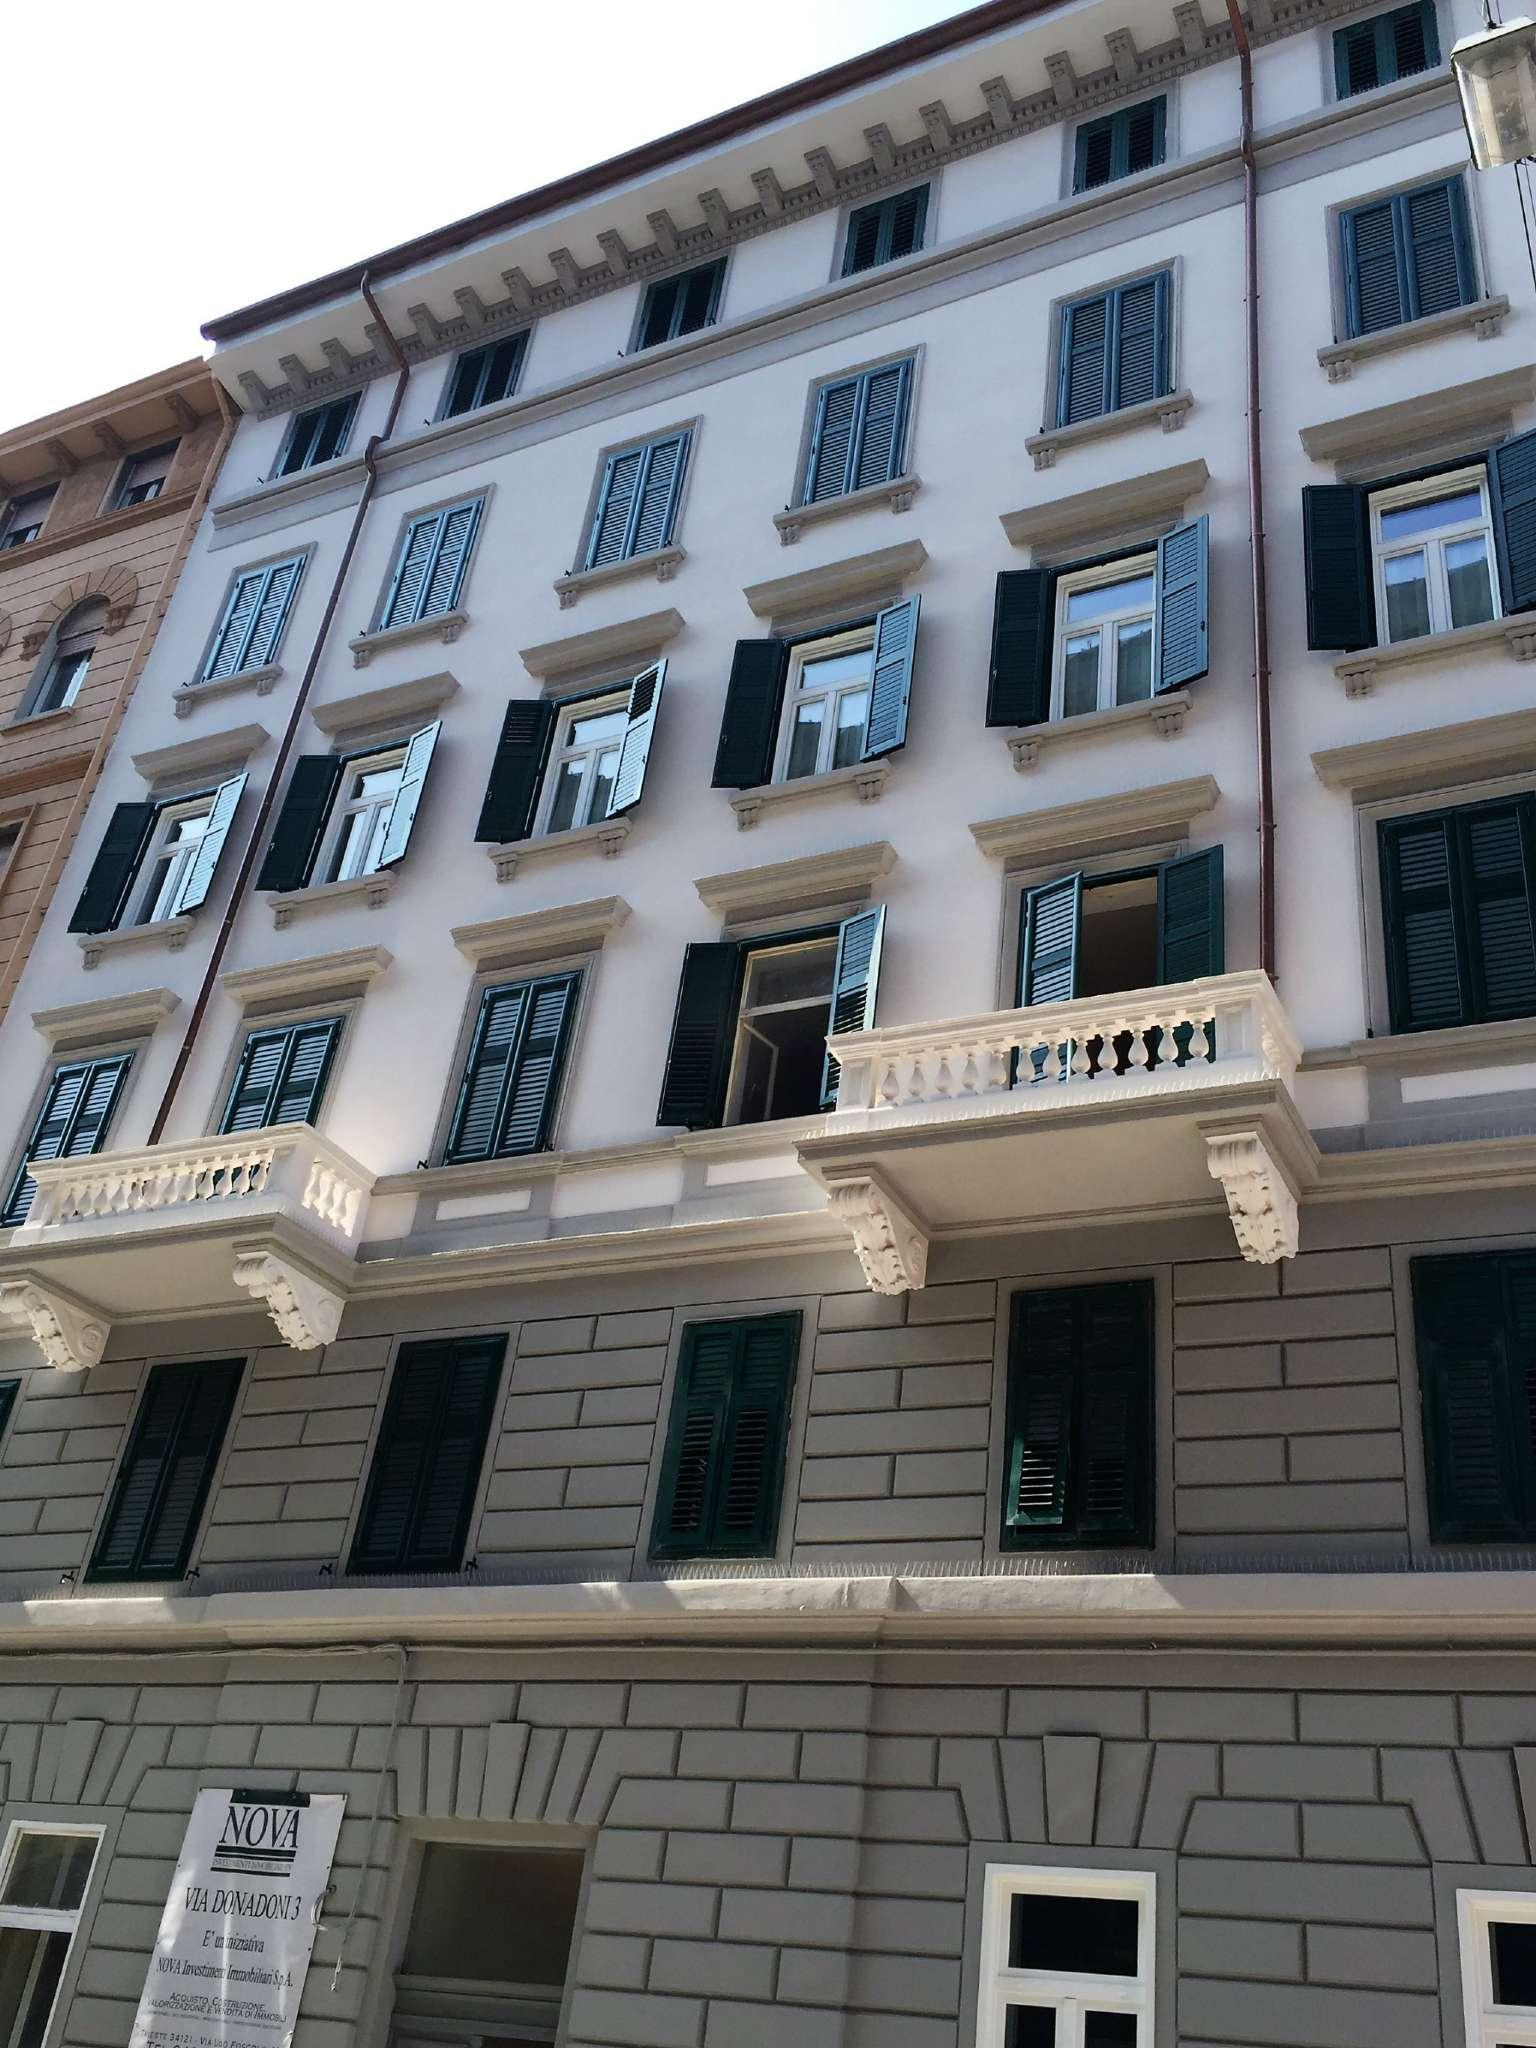 Appartamento in vendita a Trieste, 3 locali, prezzo € 82.000 | Cambio Casa.it